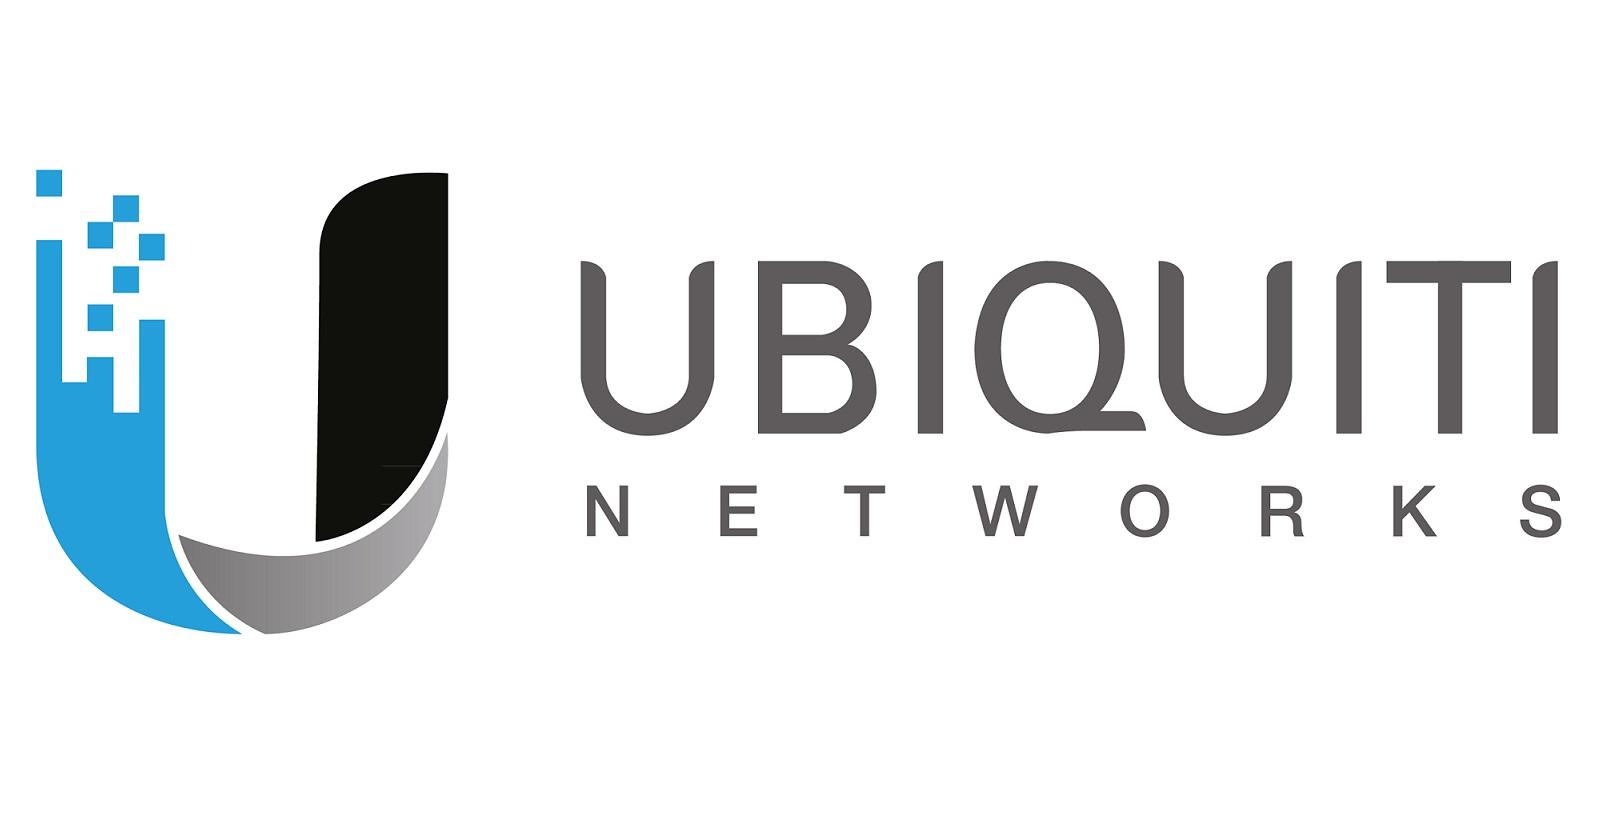 Ubuquiti